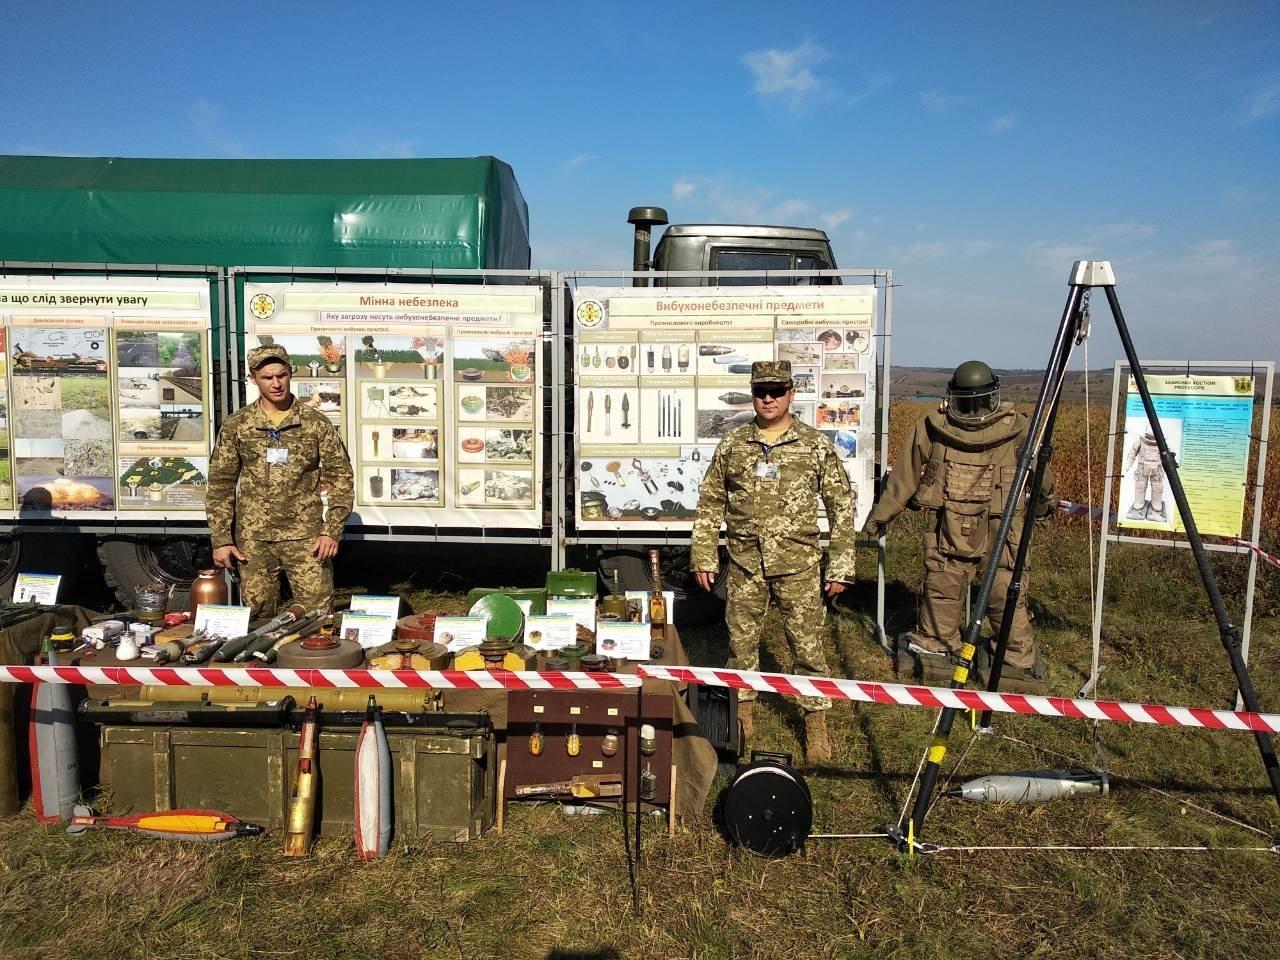 Військовослужбовці Центру розмінування взяли участь у проведенні заходів 14 окремого Пилявецького Потягу, фото-6